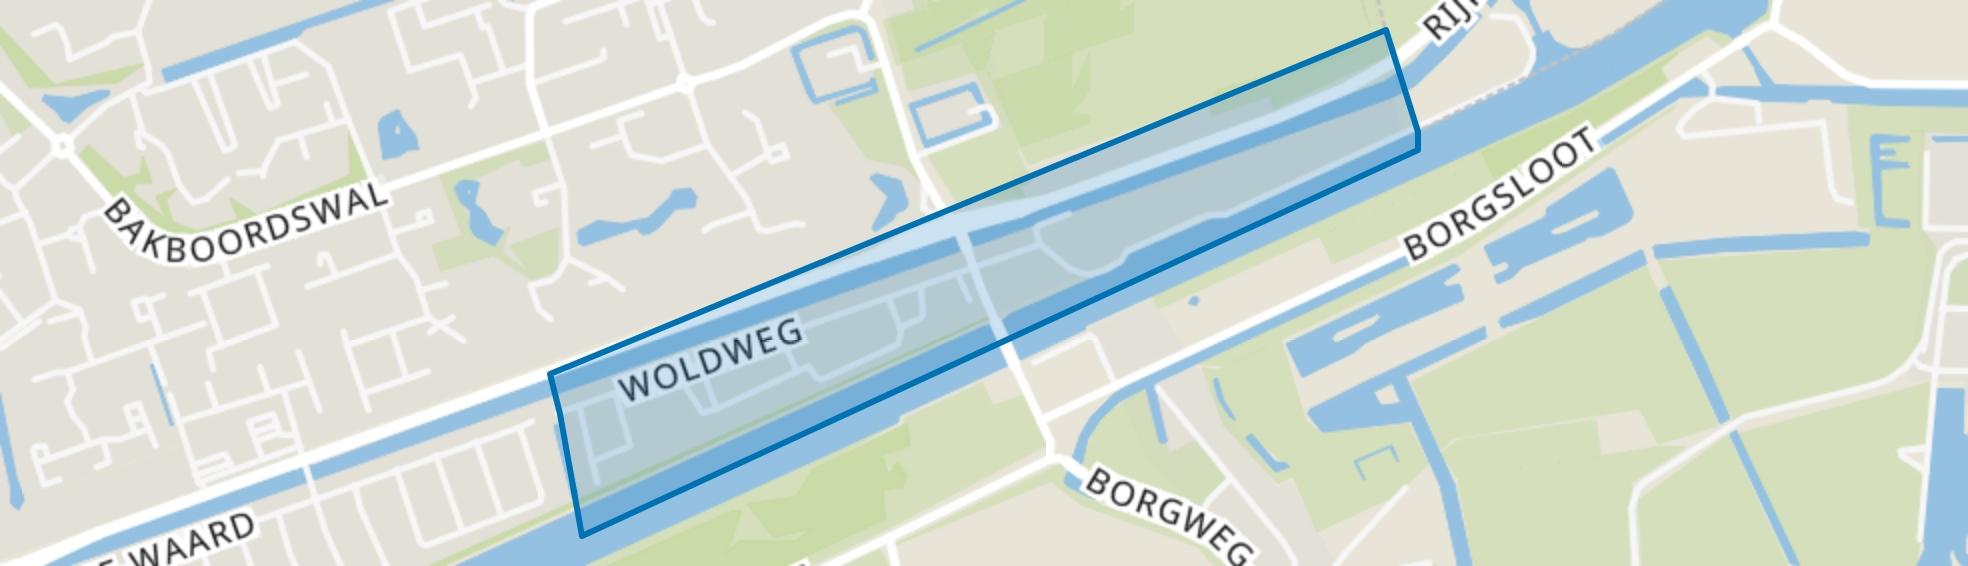 Ruischerbrug, Groningen map